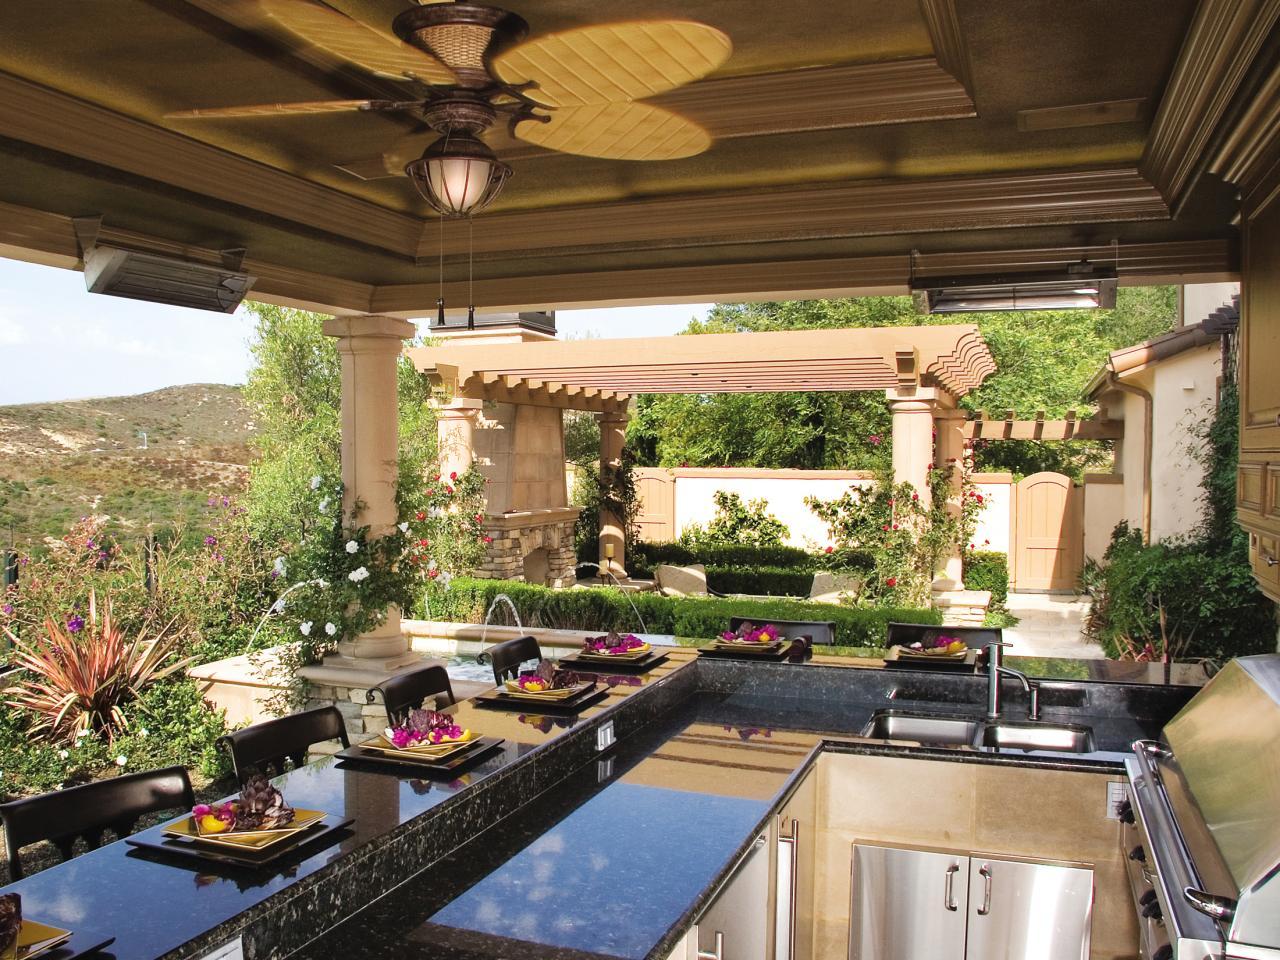 Mediterranean Porch Design With Stylish Kitchen